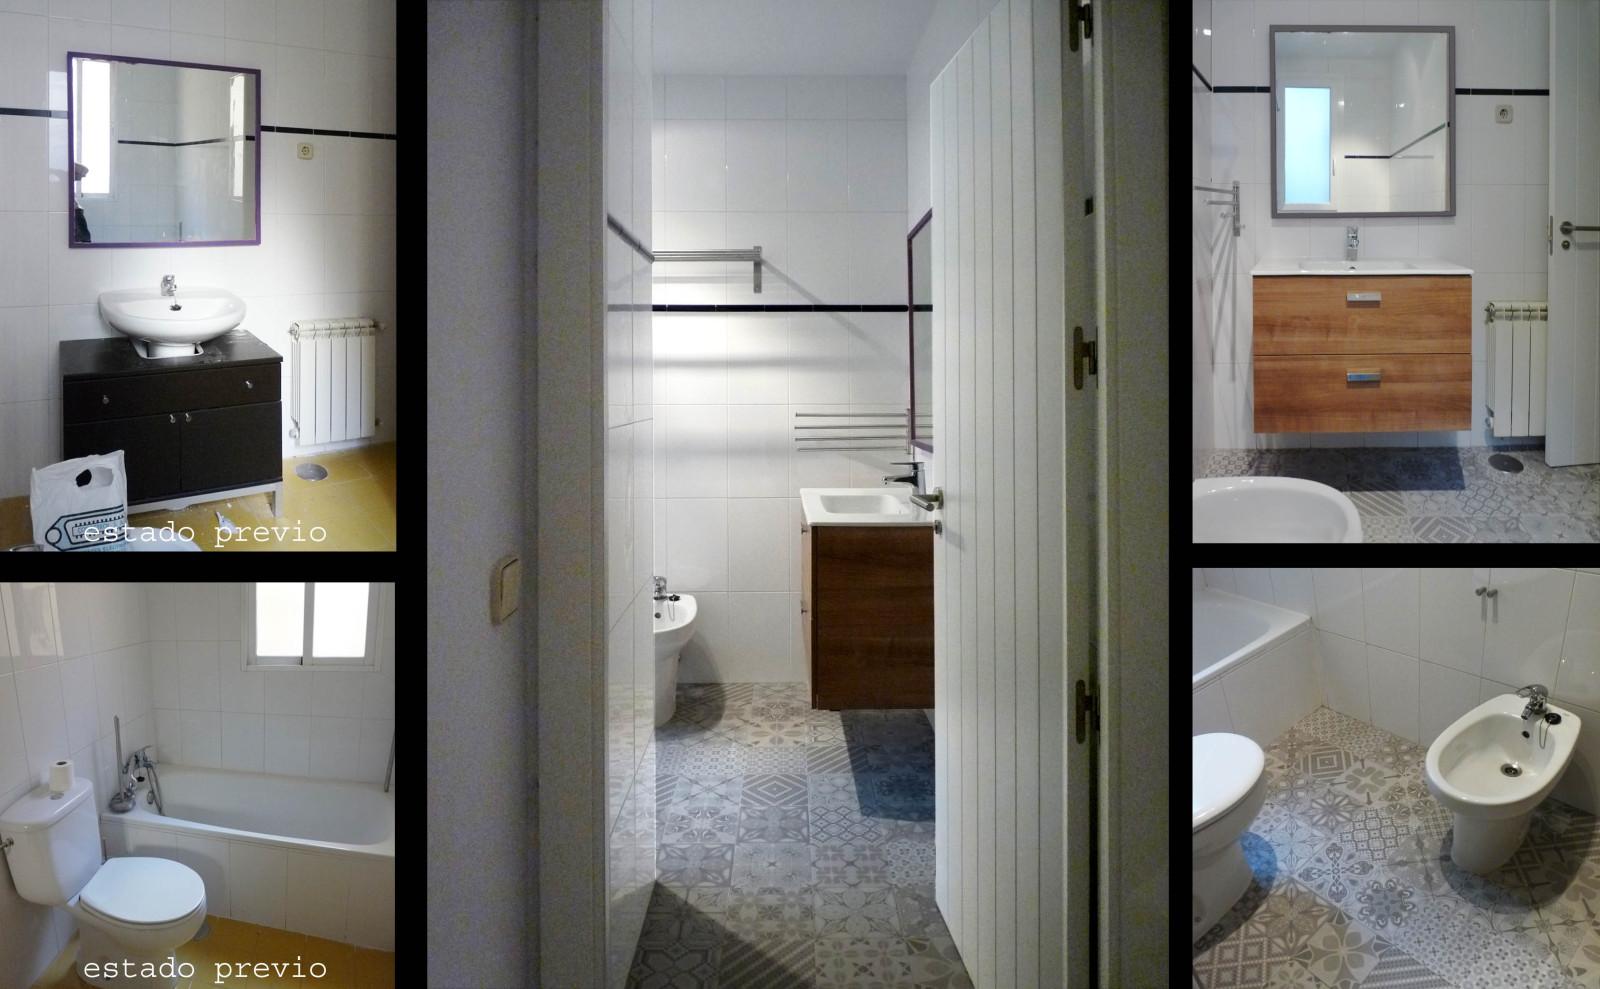 En el baño tan solo se puso un suelo nuevo y se cambió el mueble del lavabo.